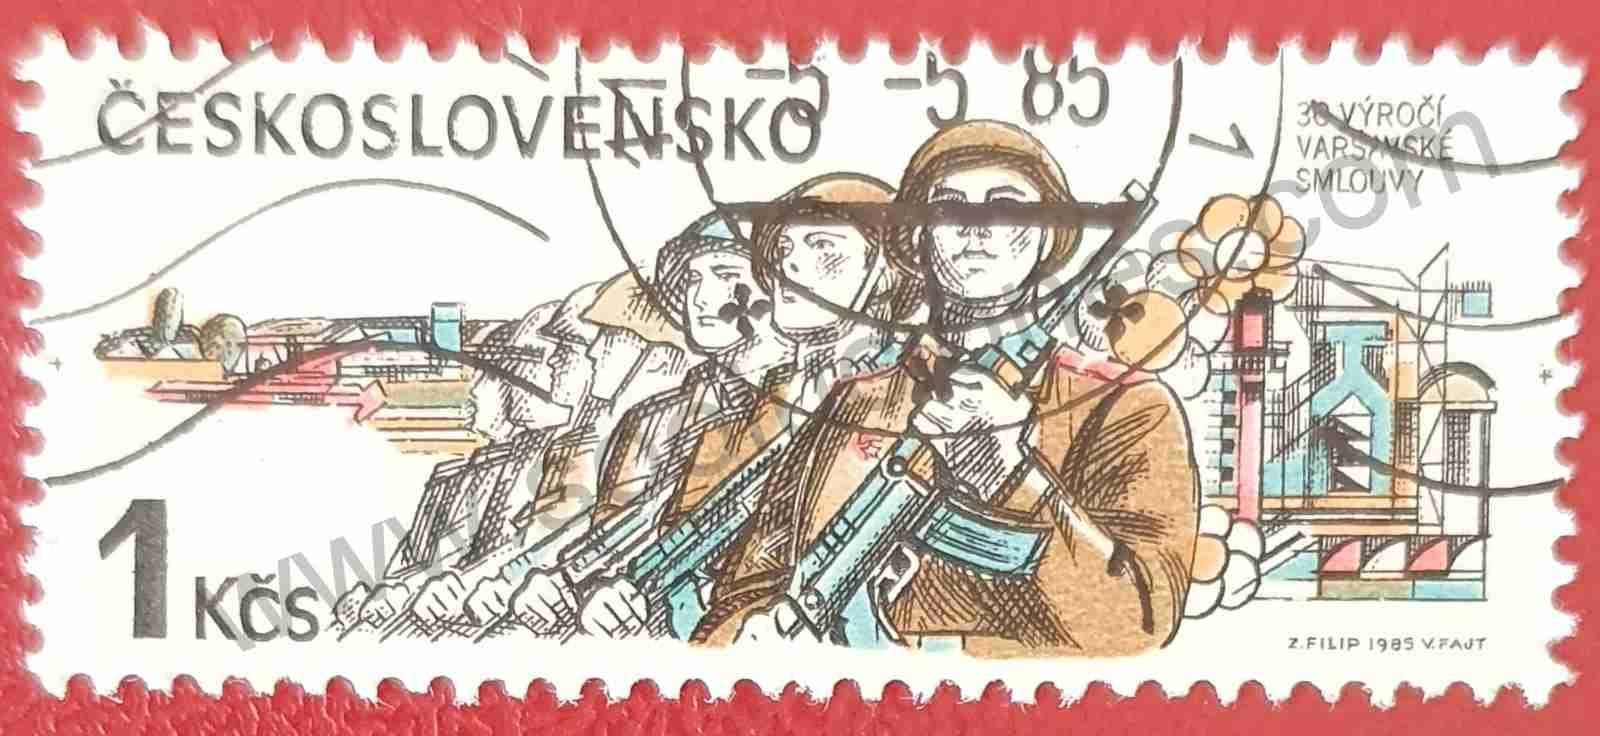 Aniversario tratado con la URSS - sello Checoslovaquia 1985